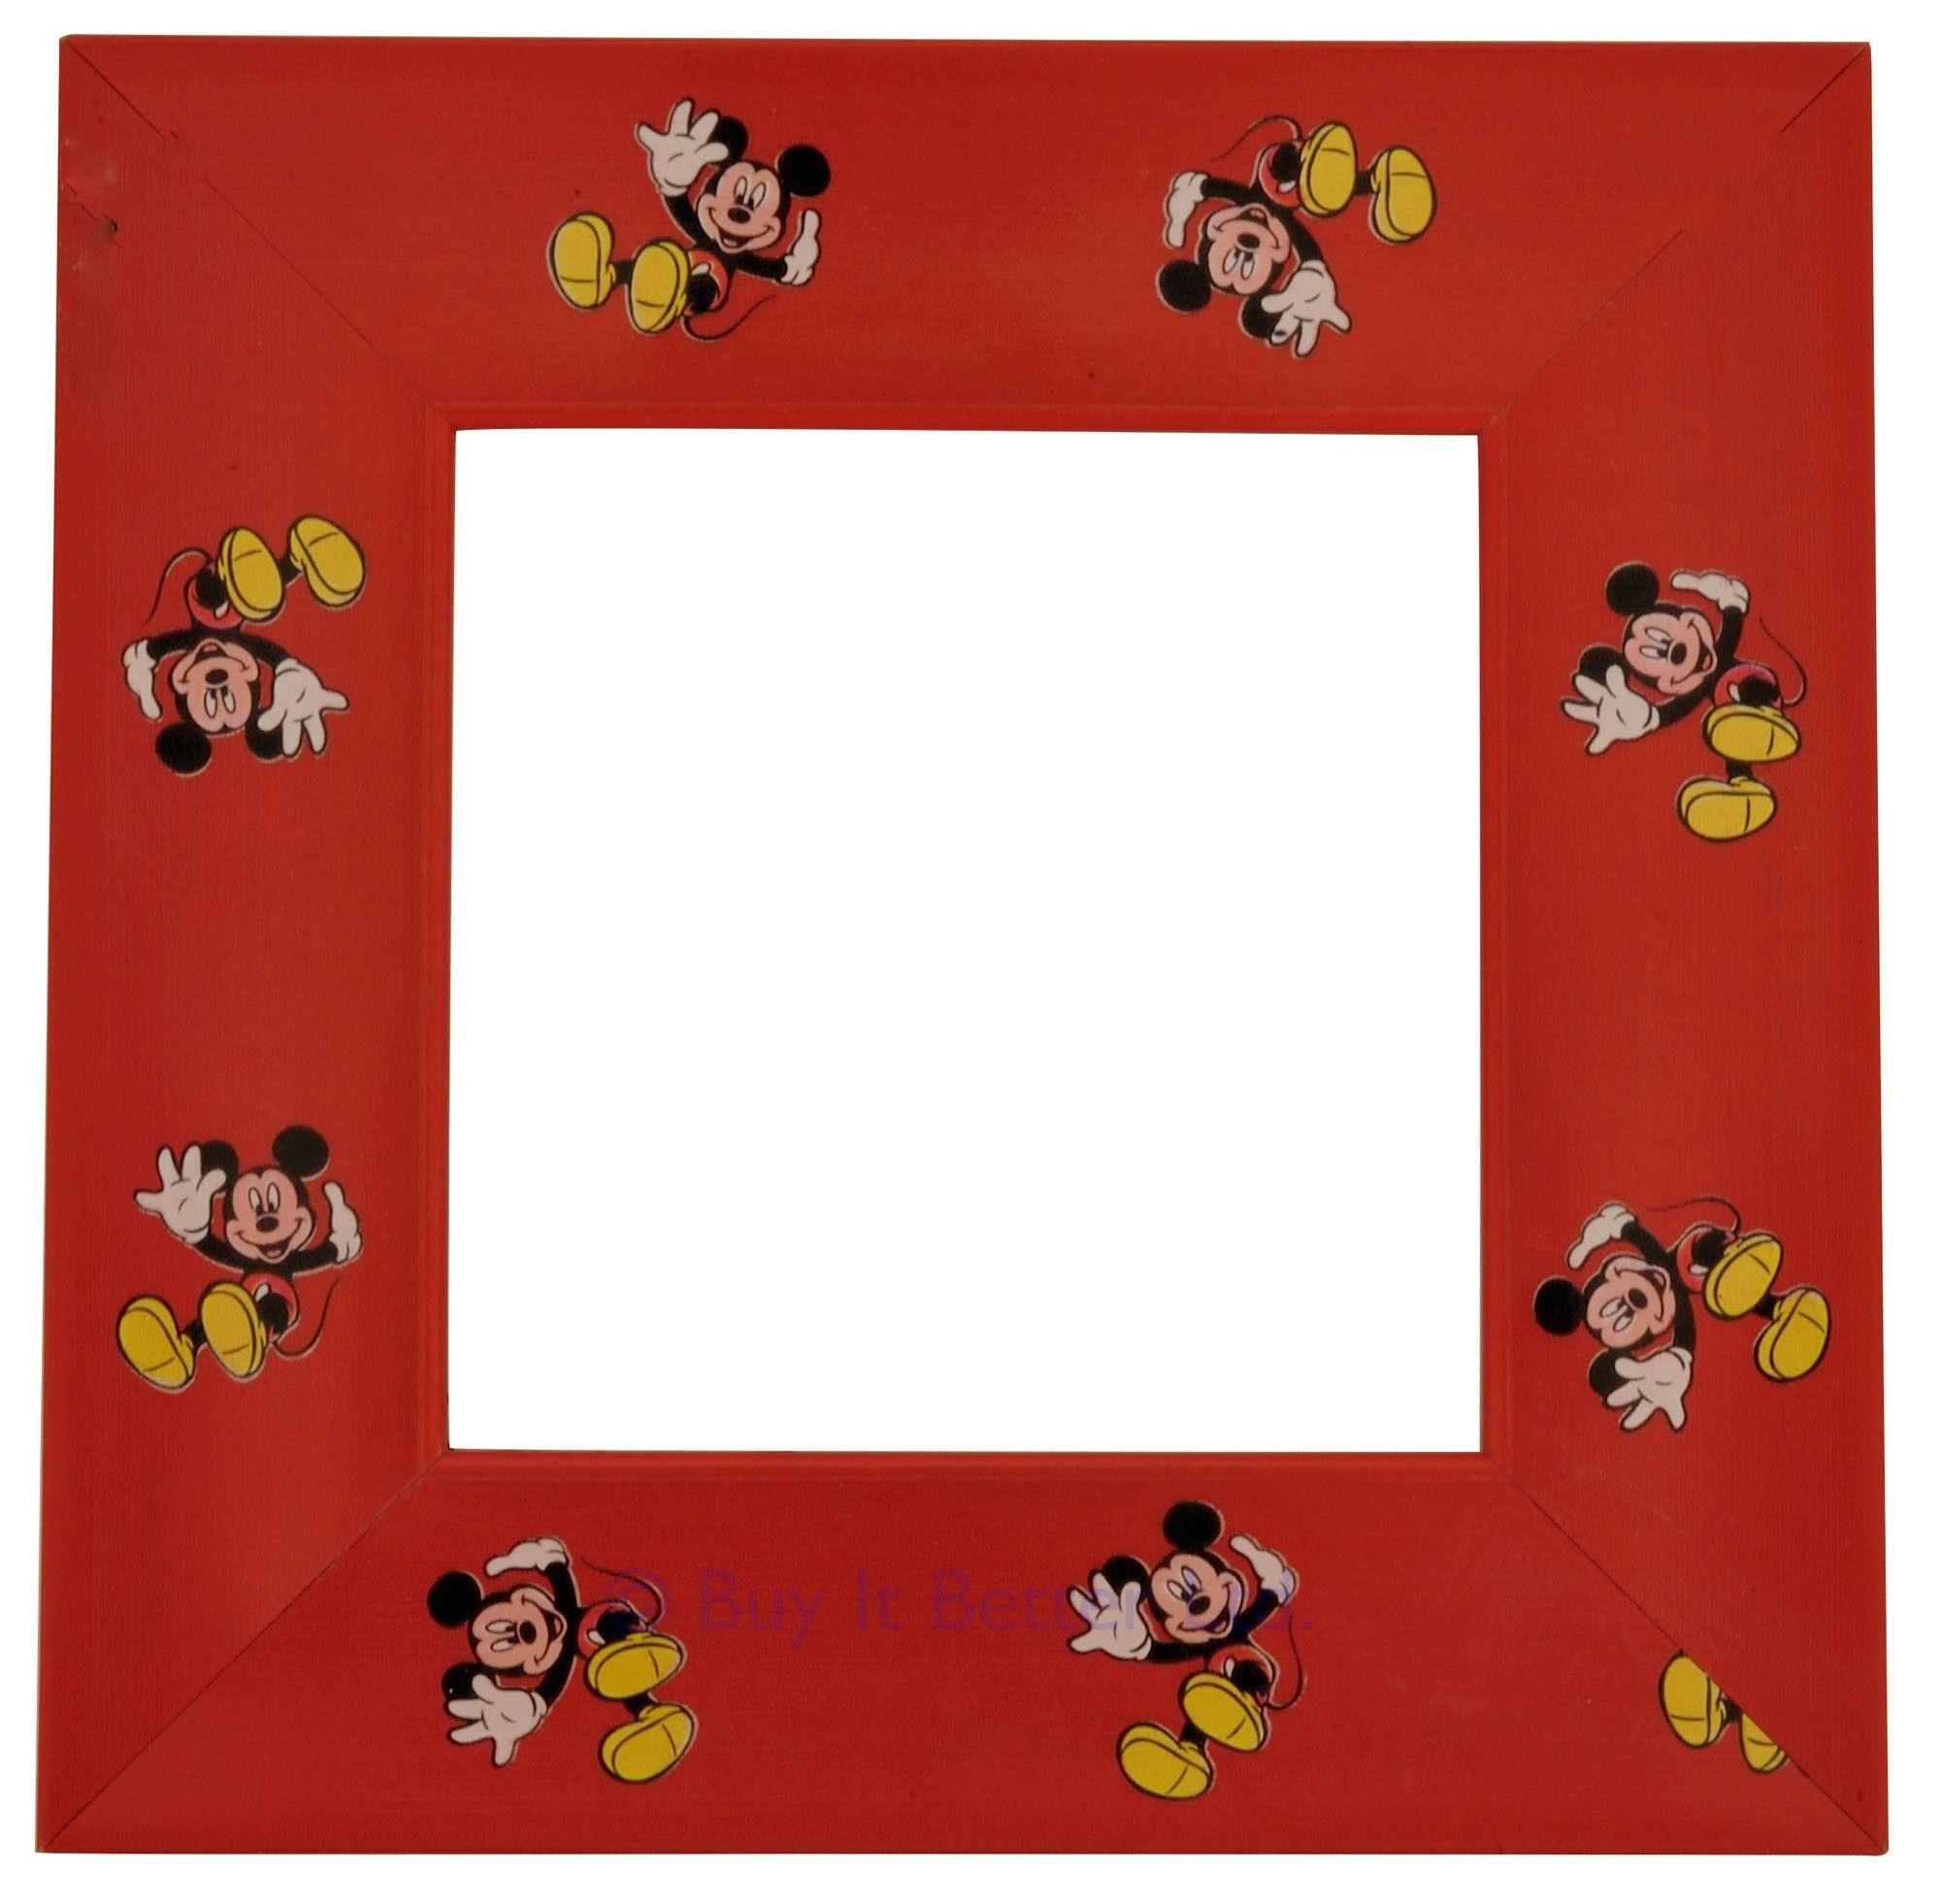 Image result for disney world digital photo frame | Disney ...